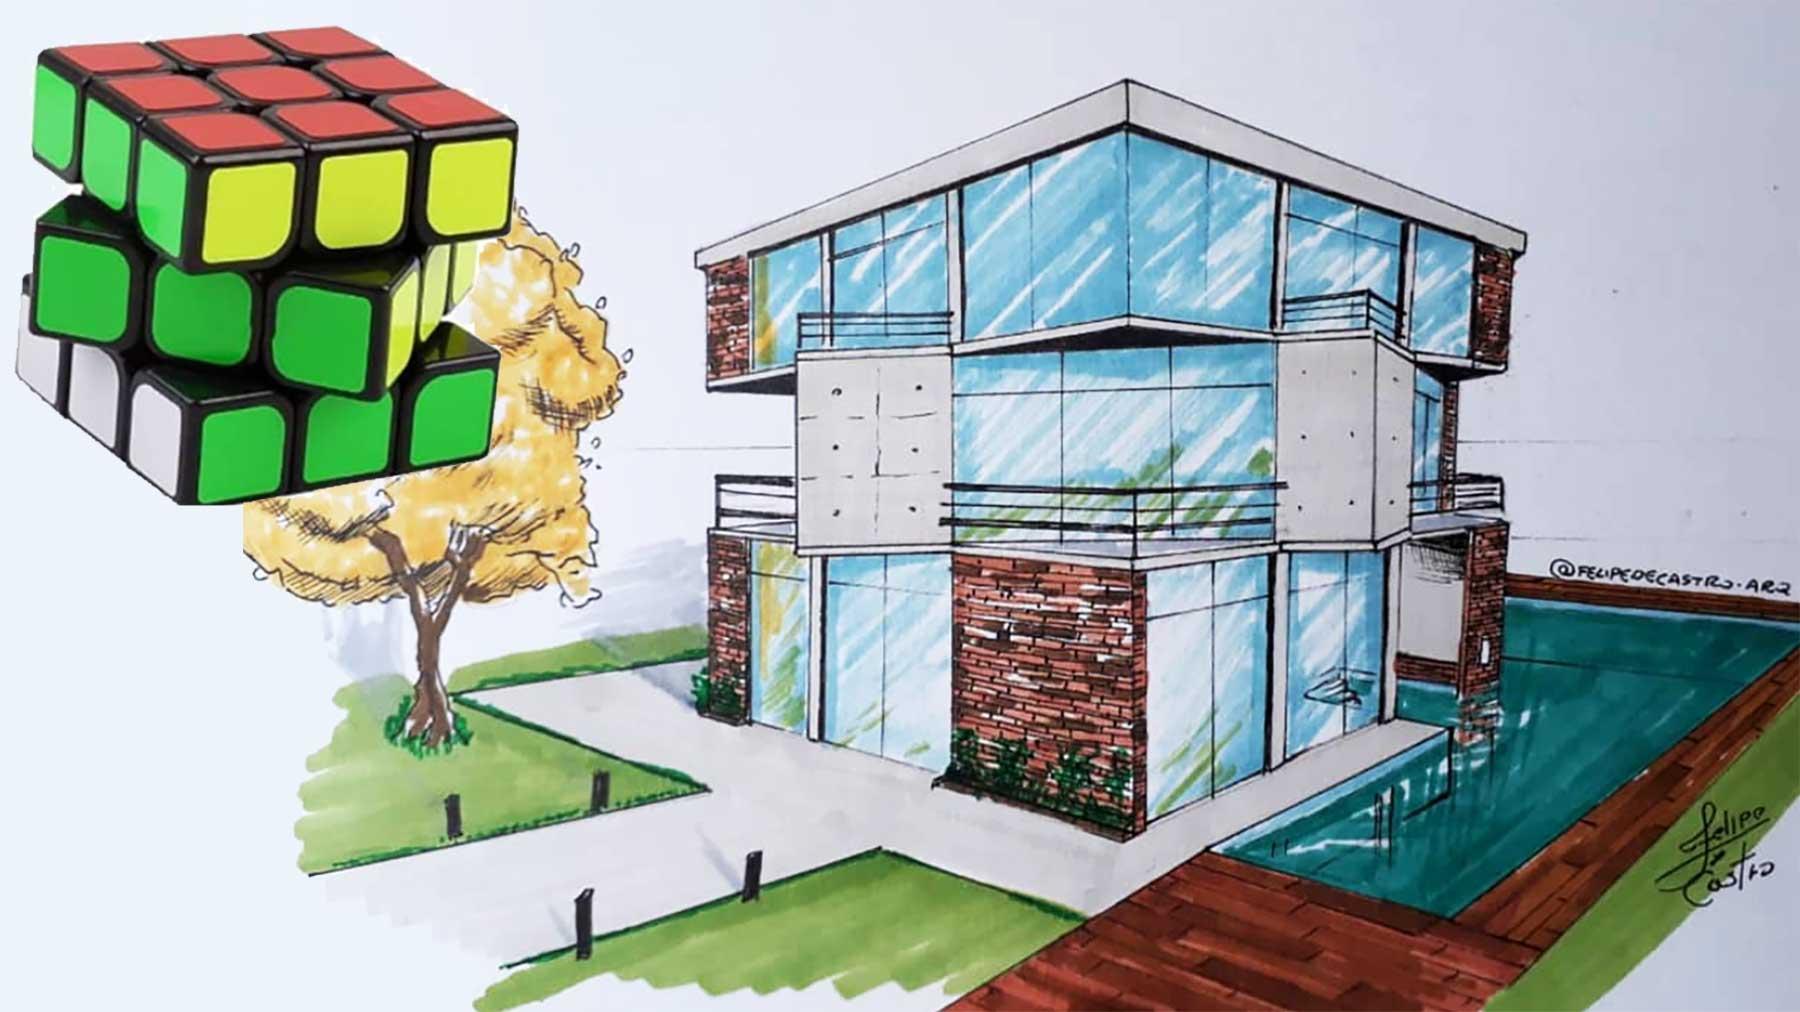 Architekt Felipe de Castro macht aus Gegenständen Gebäudezeichnungen